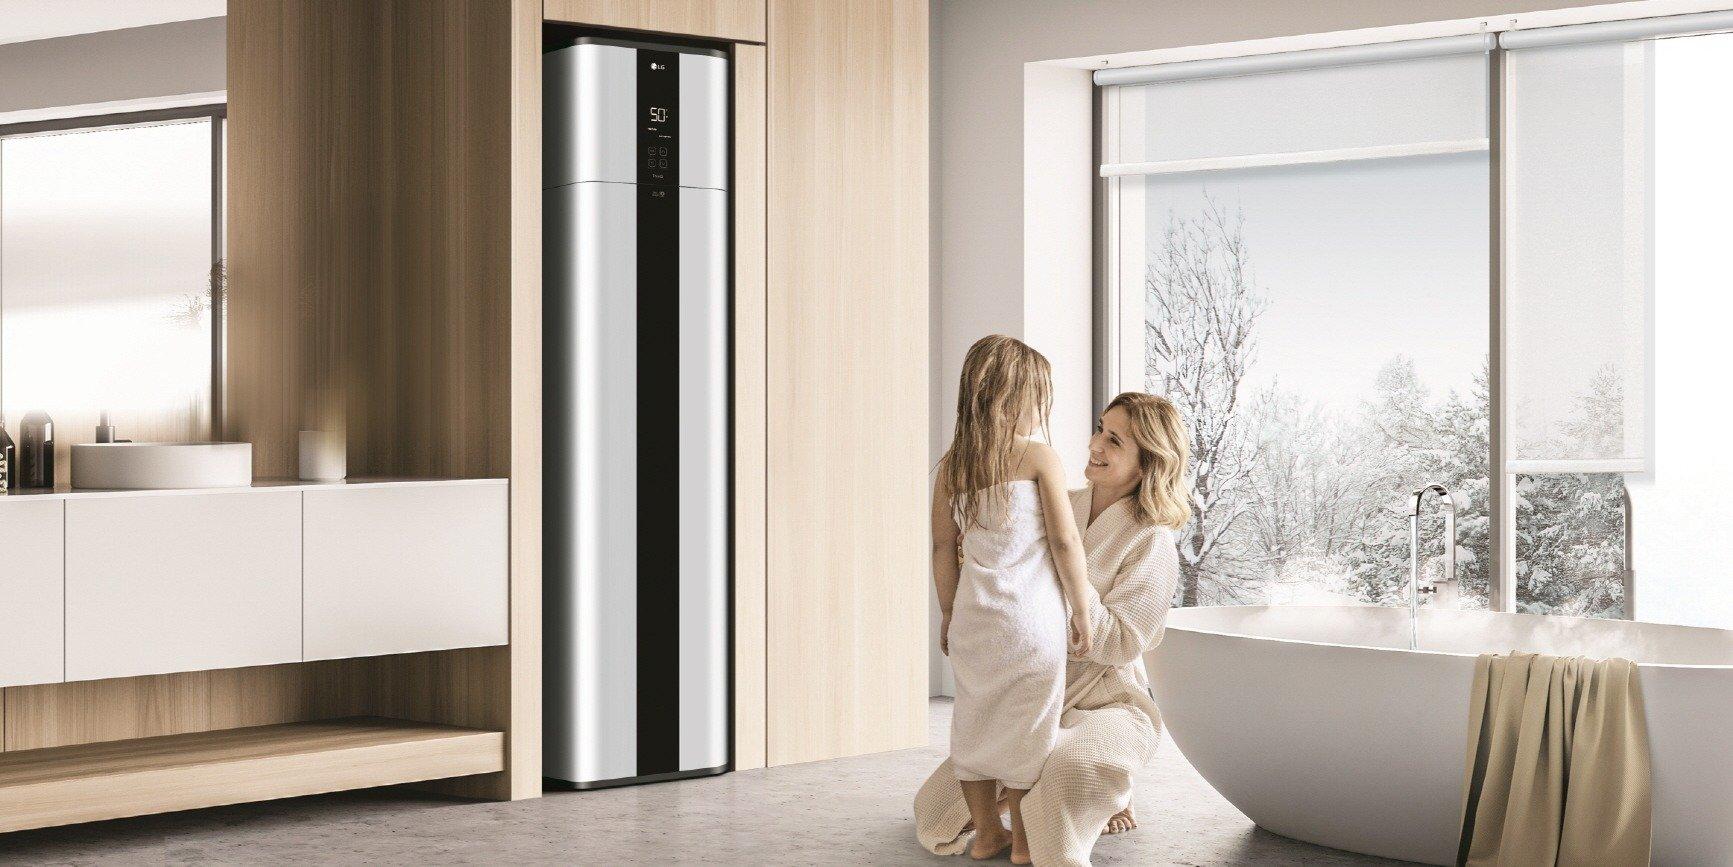 CES 2021: Wydajna i przyjazna dla środowiska pompa ciepła LG do ciepłej wody użytkowej, wyróżniona nagrodami za wzornictwo